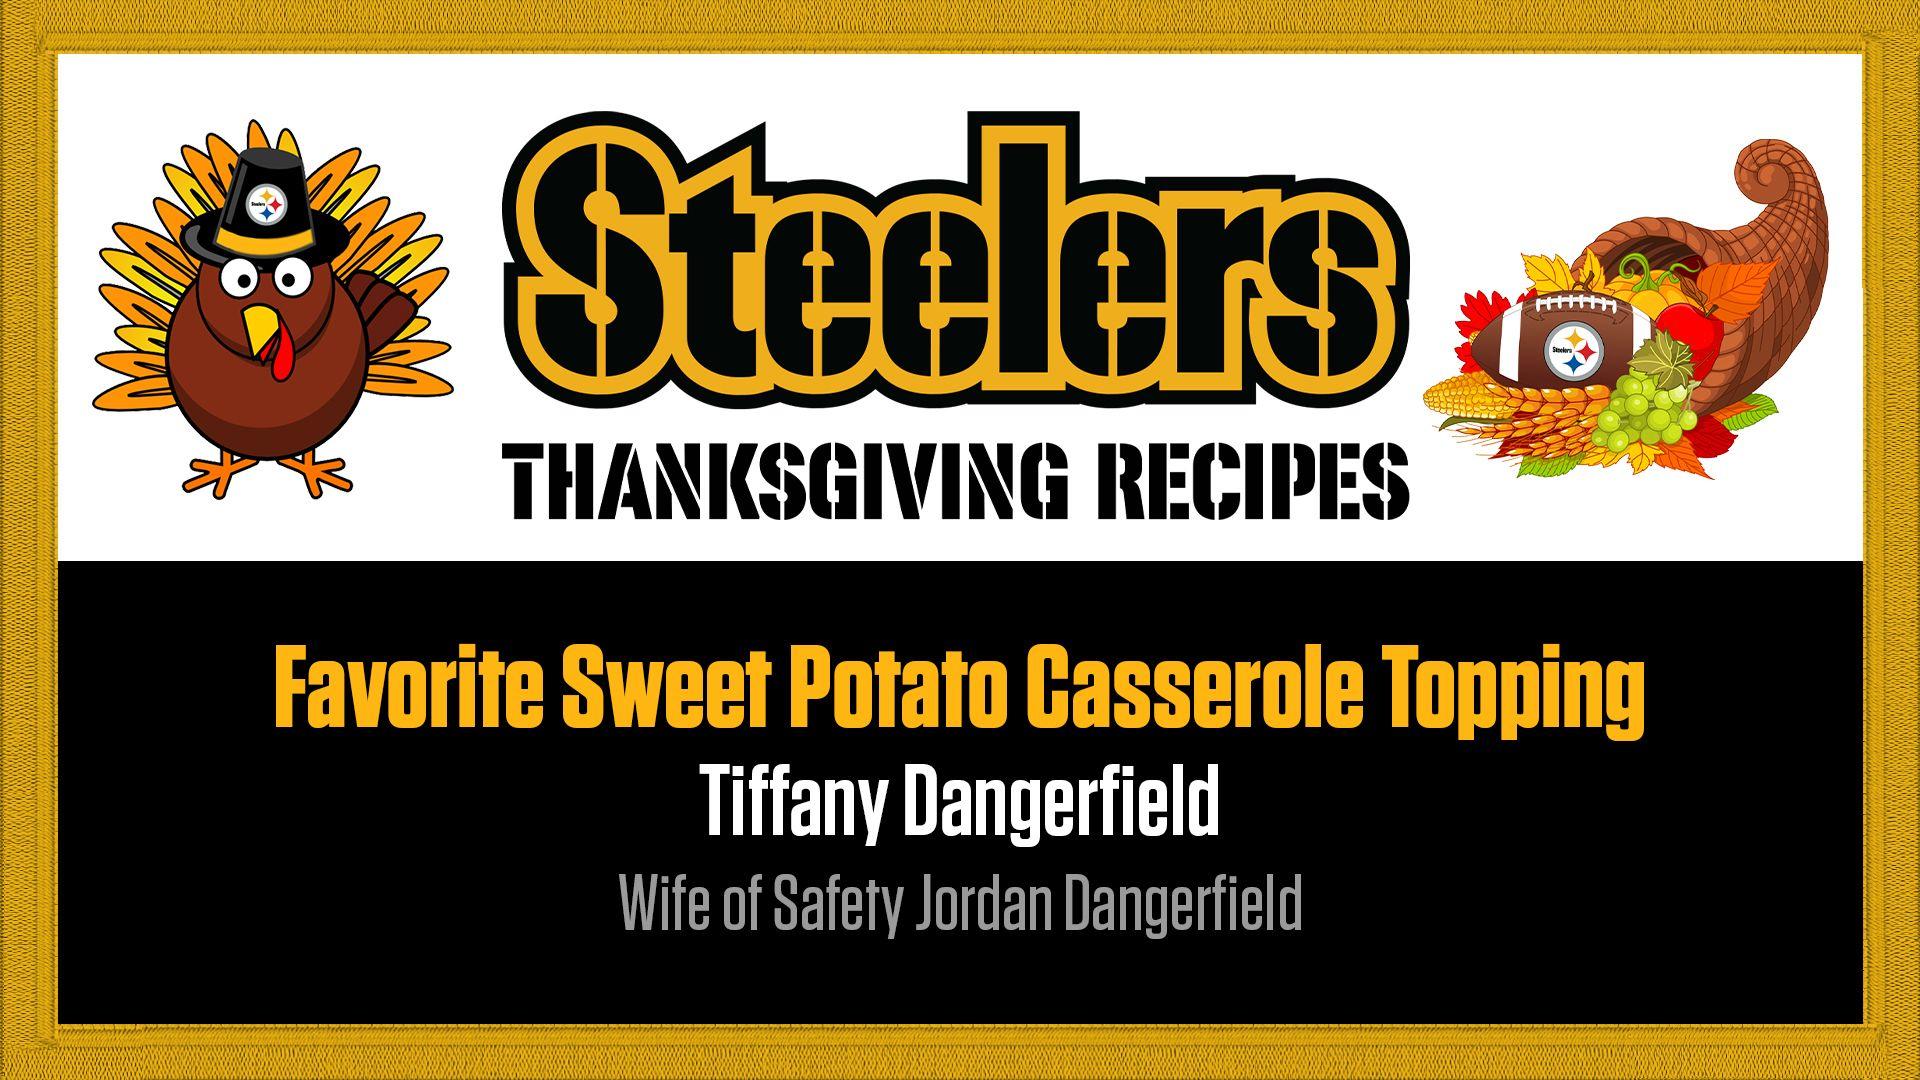 Recipe-favorite sweet potato caserrole topping_tiffany dangerfield